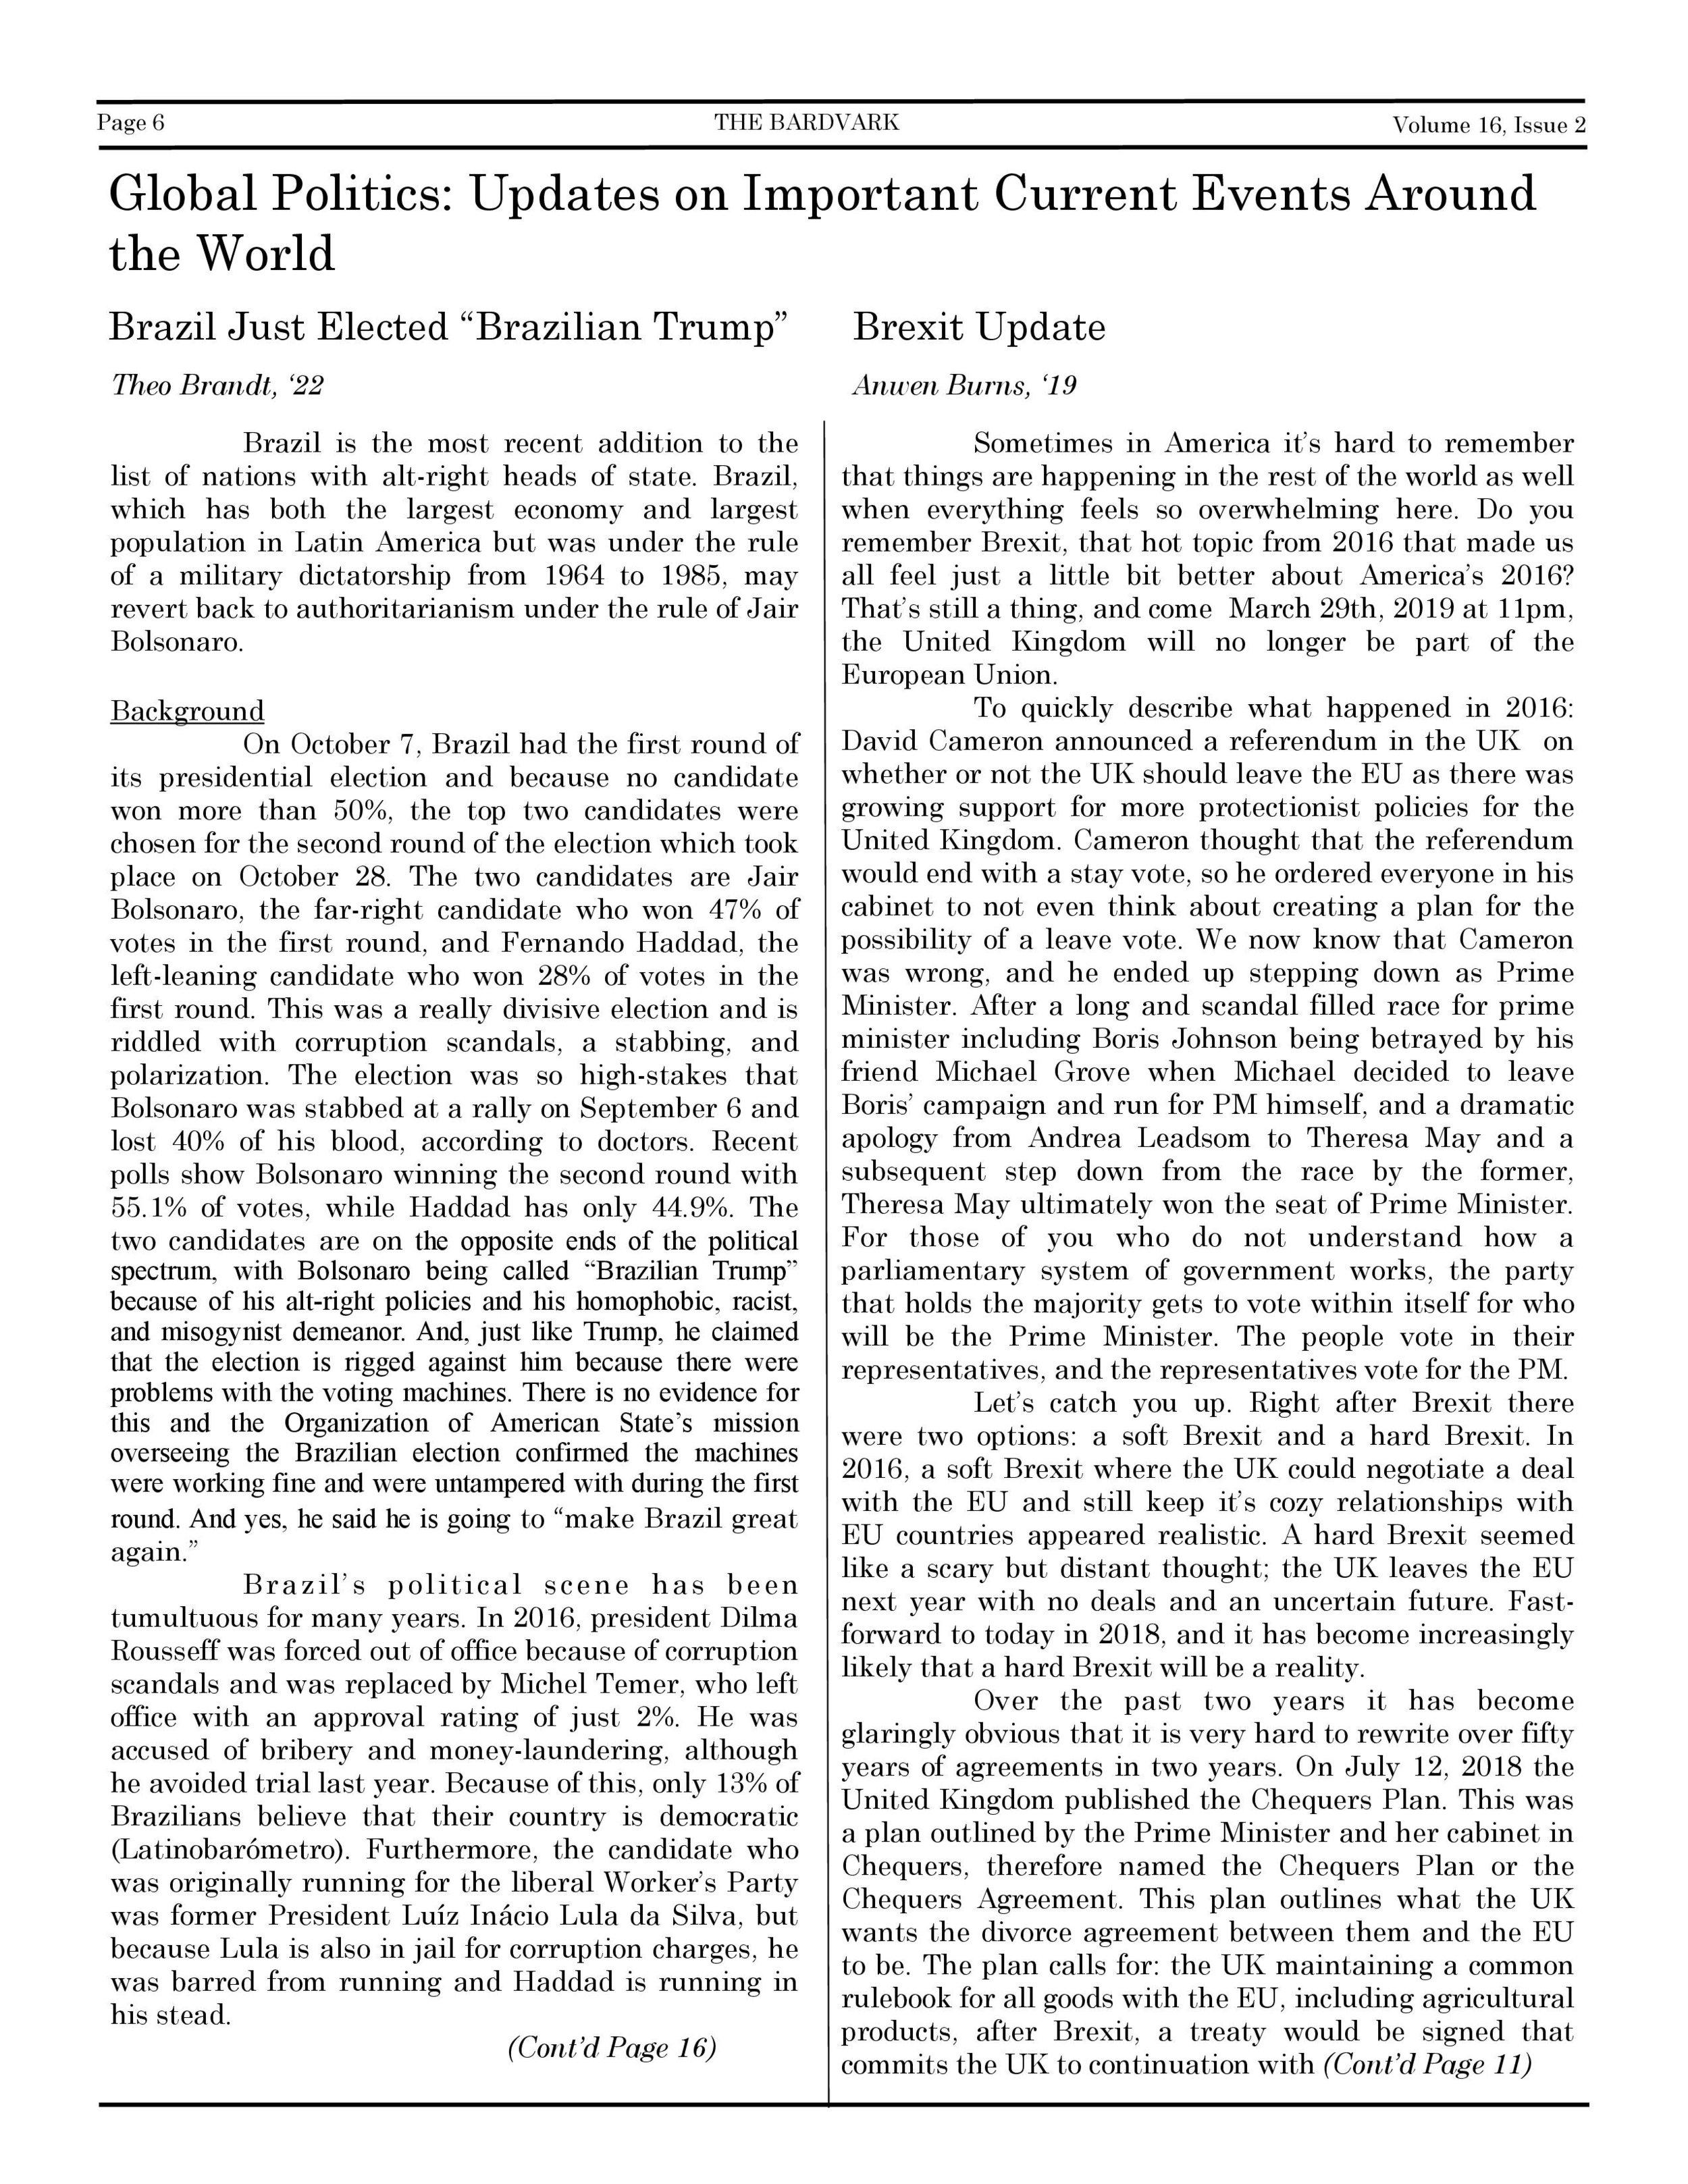 Issue 2 October 2018-6.jpg